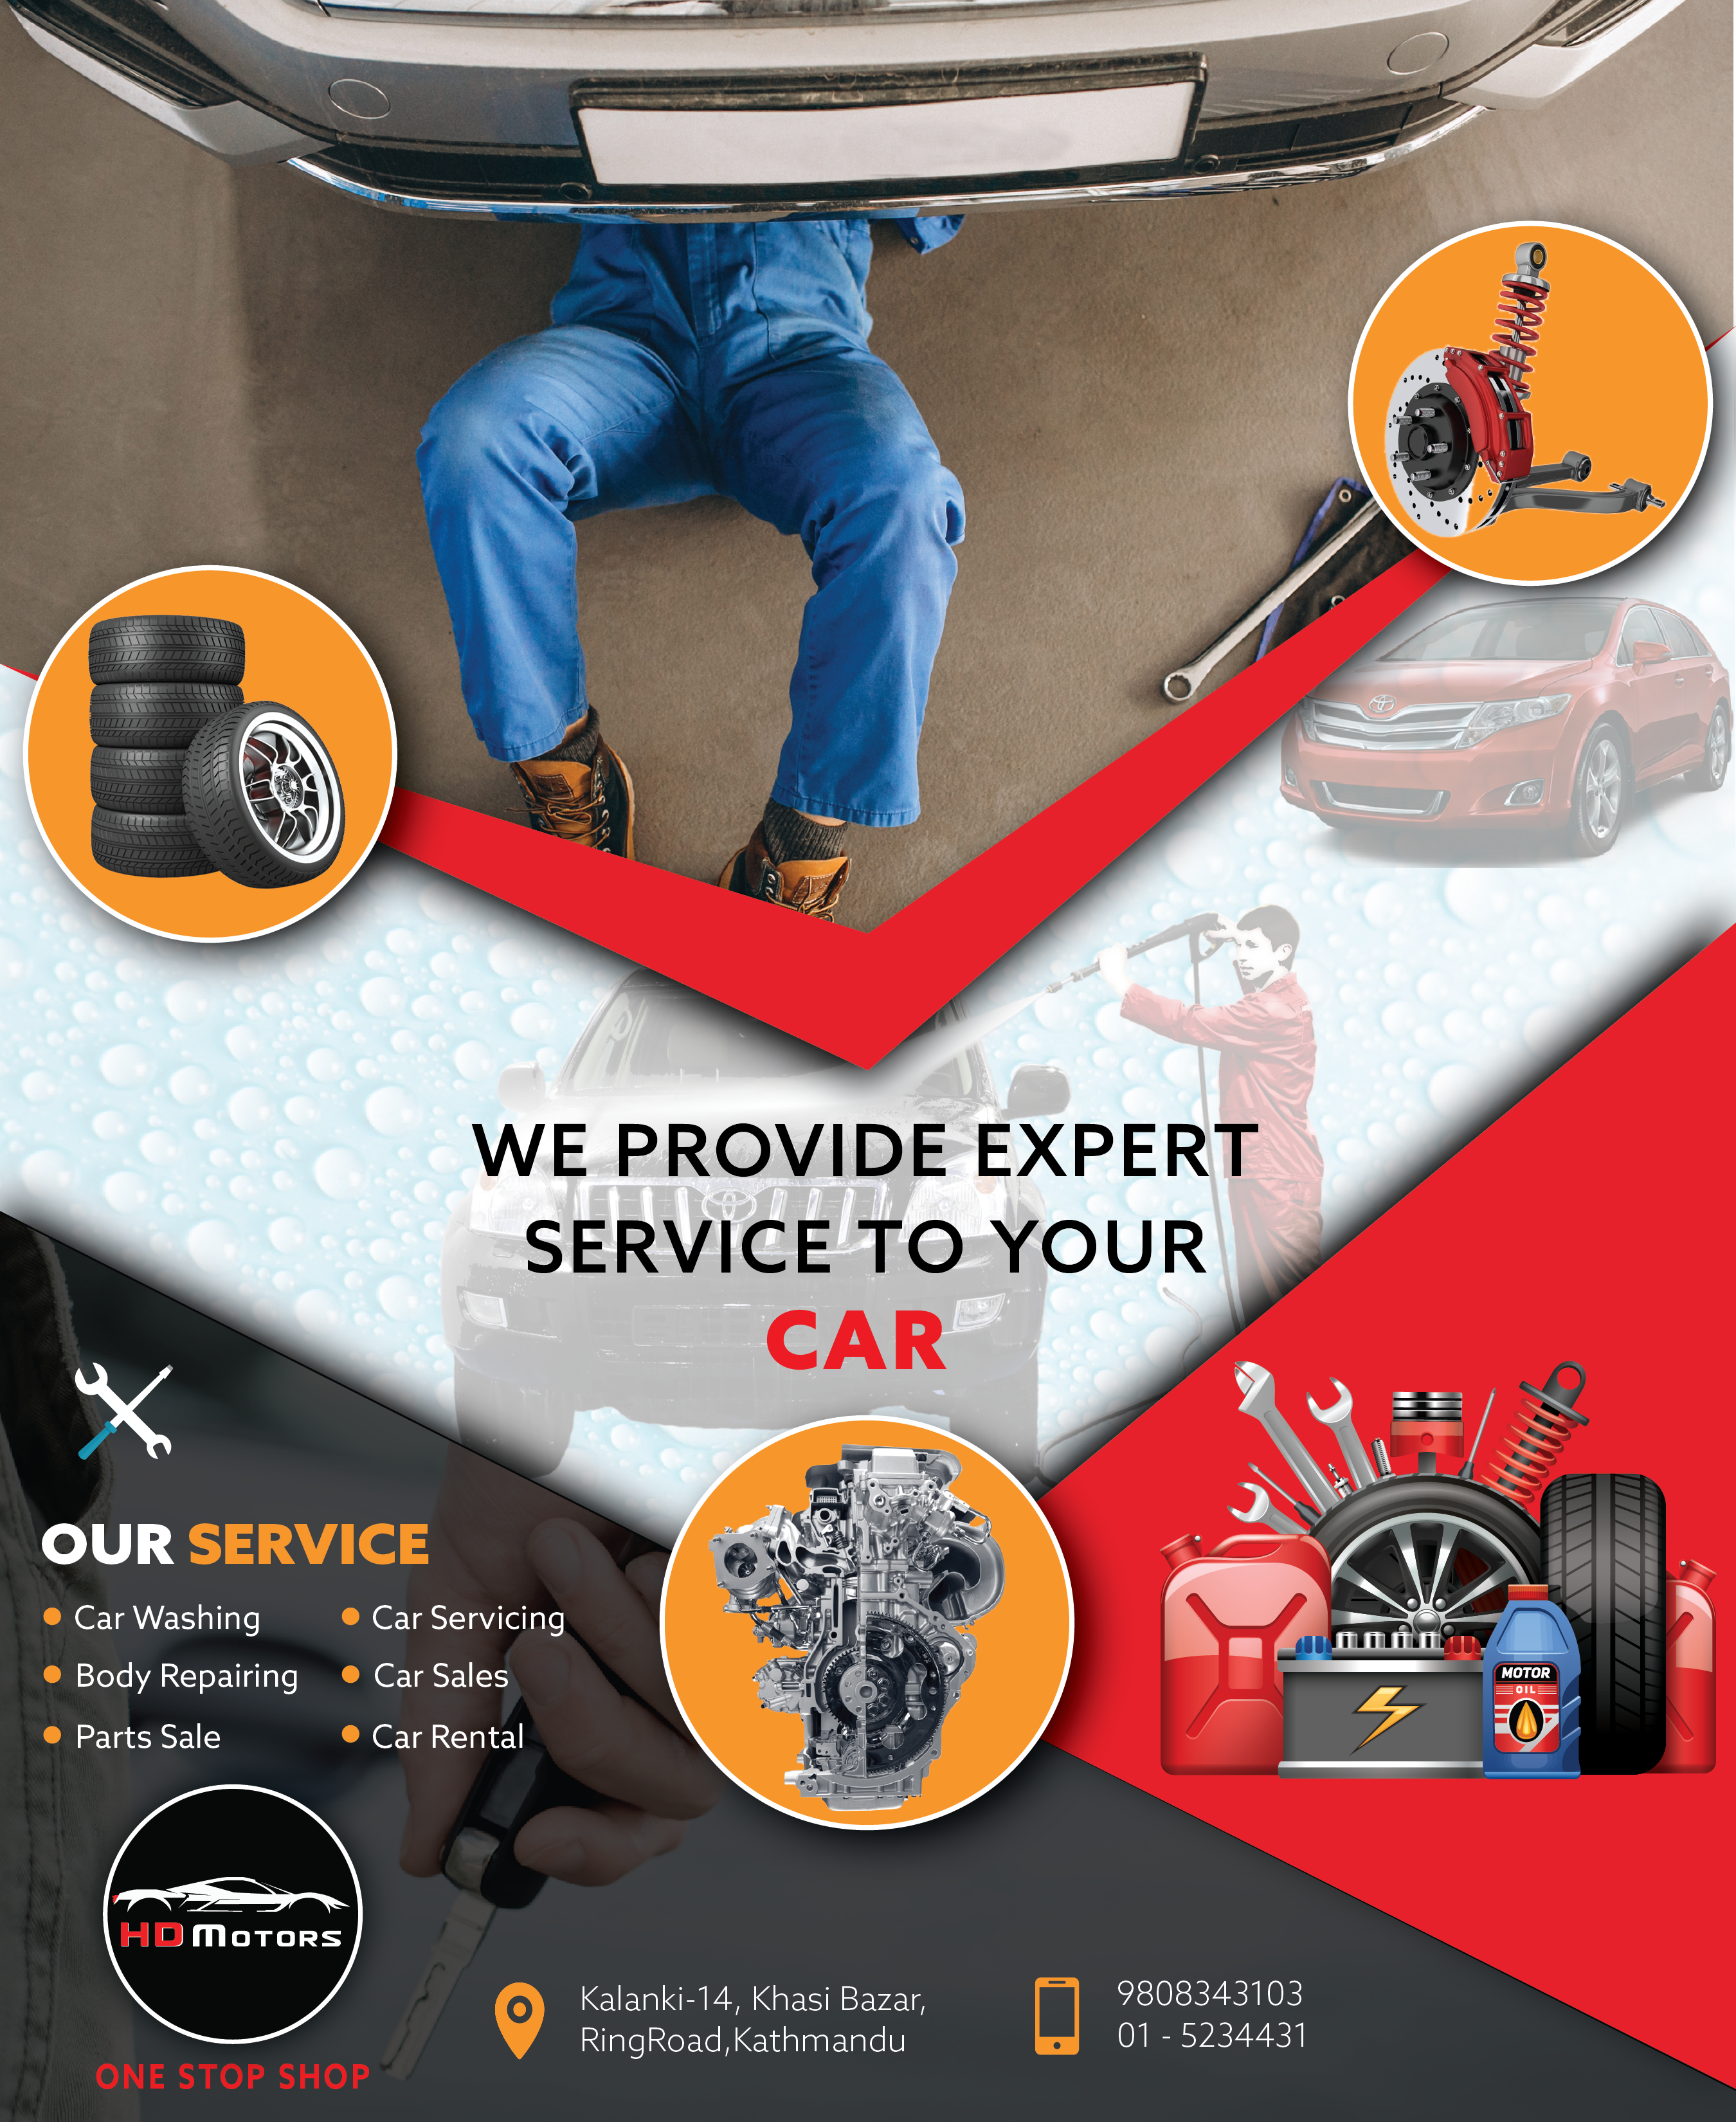 Car Repair Maintenance Service Transmission Repair Repair Ac Repair